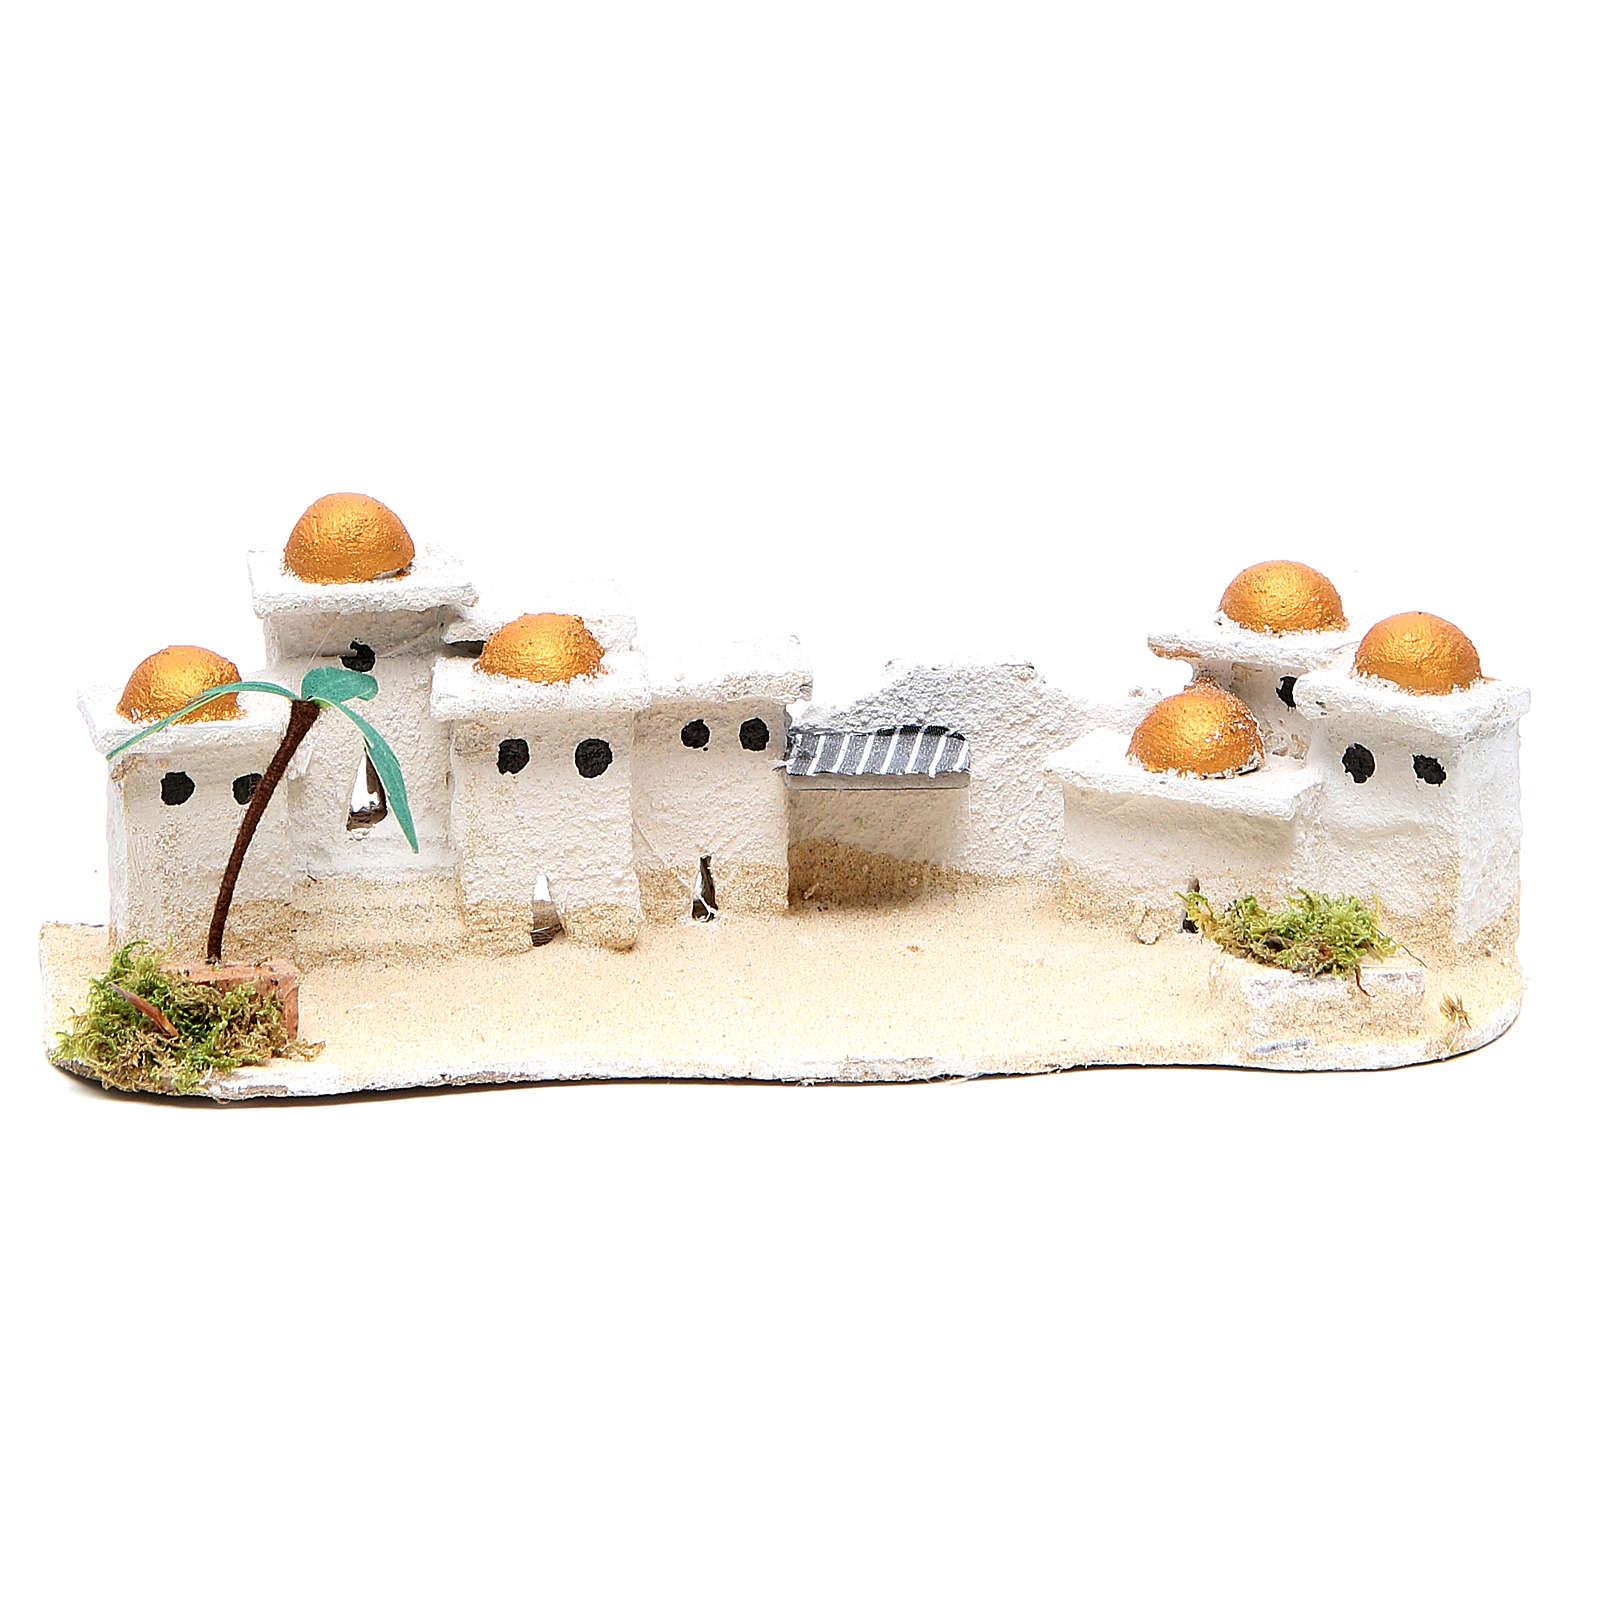 Casa árabe 9x23x11 modelos surtidos 4